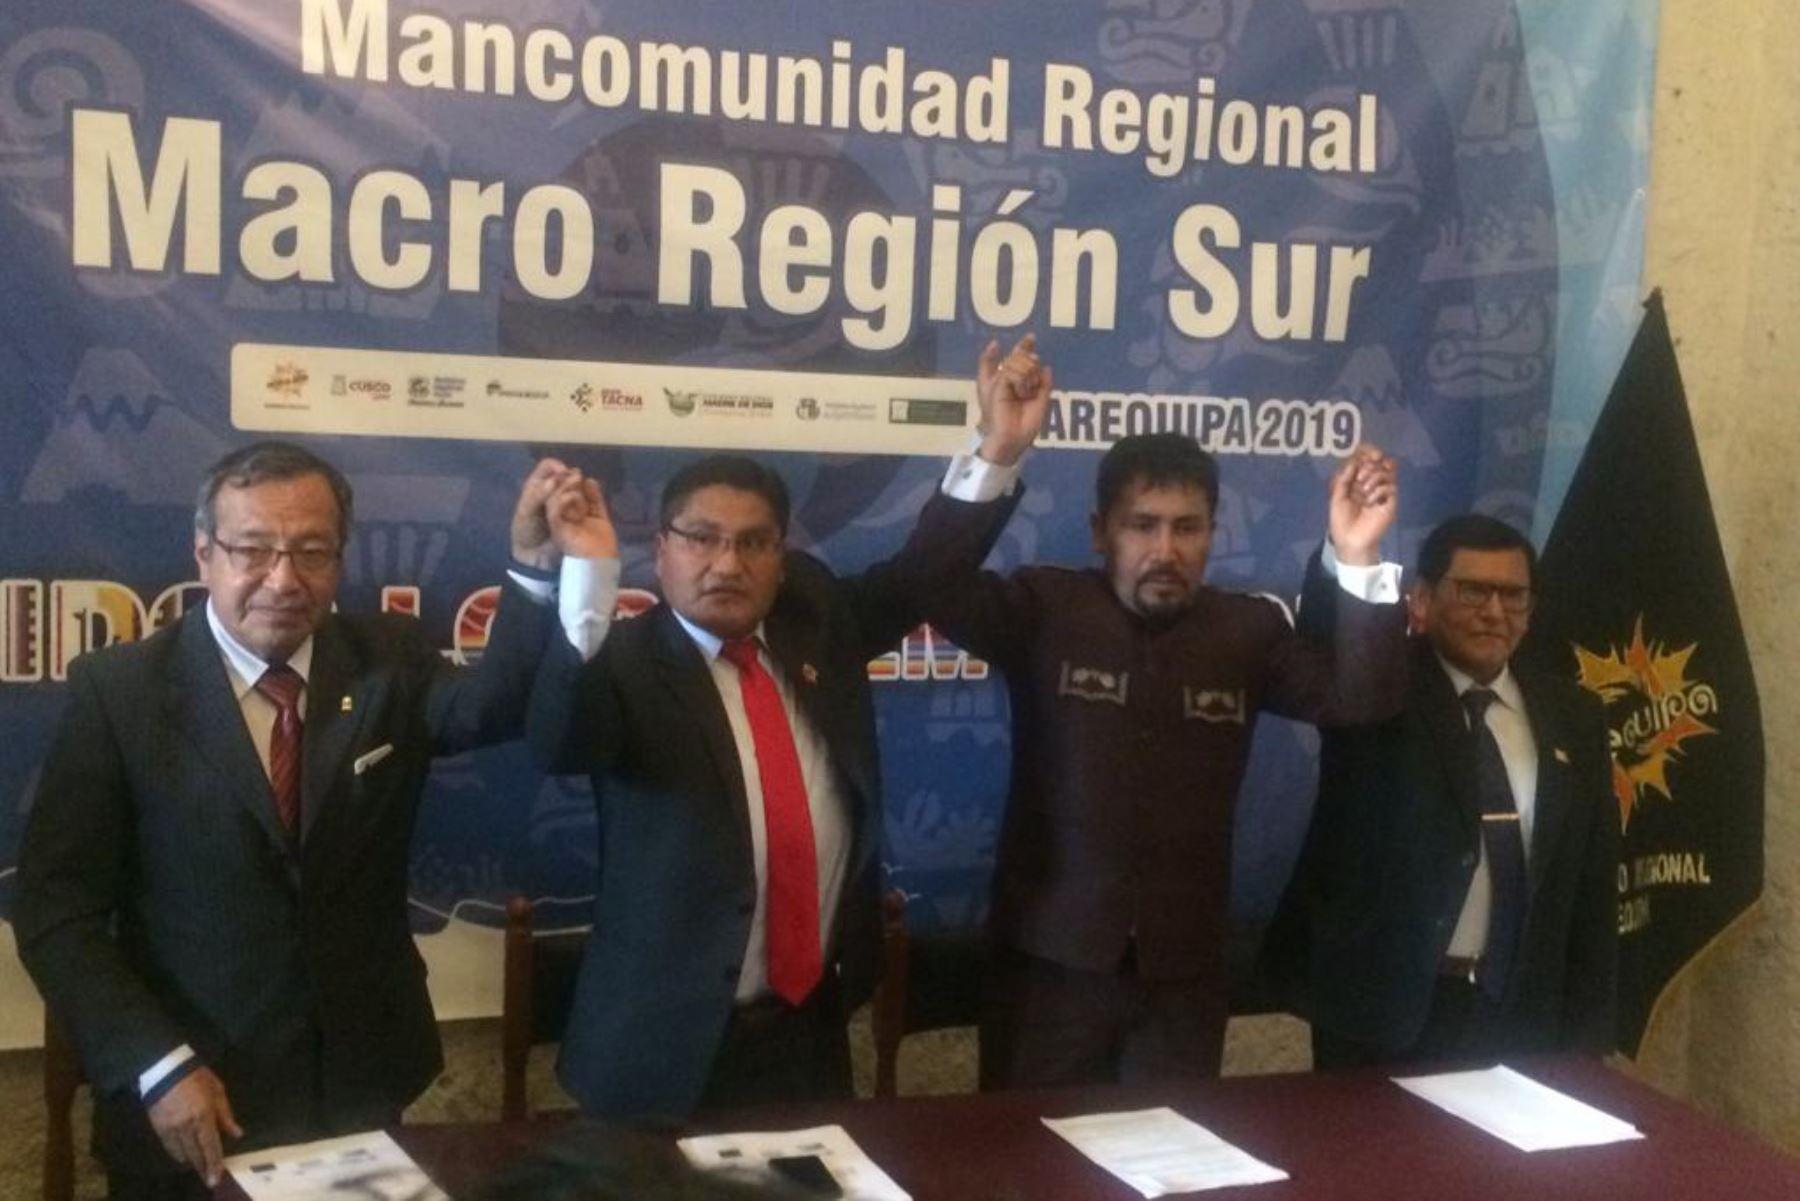 Los gobernadores de la Mancomunidad Regional Macro Región Sur analizaron en Arequipa la propuesta de la nueva Ley General de Minería. Foto: ANDINA/Rocío Méndez